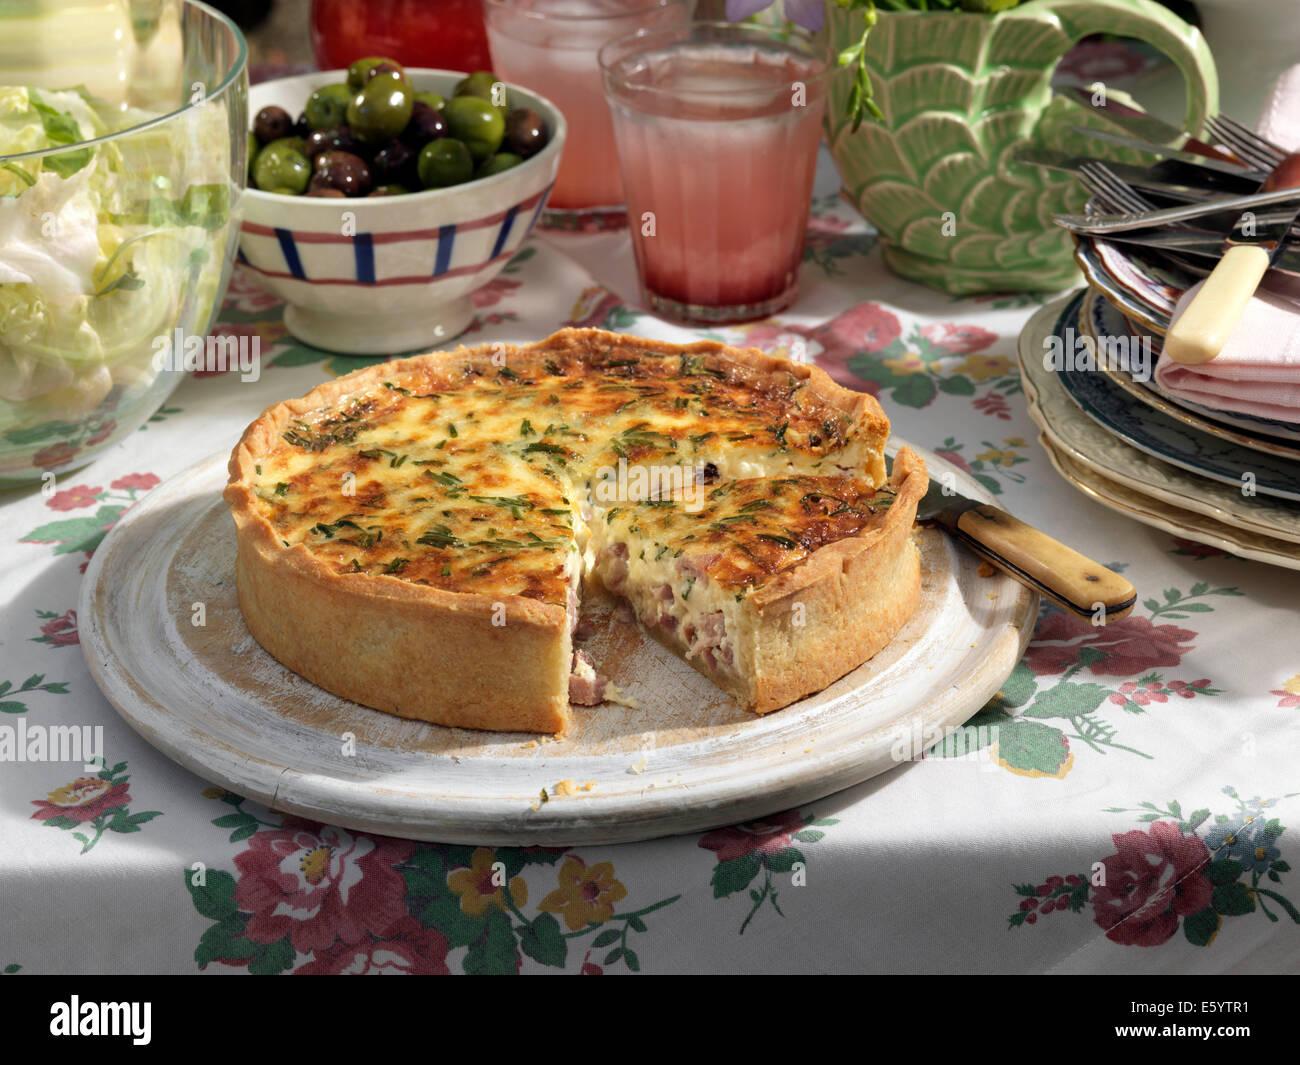 Quiche ham cheese chive tart - Stock Image